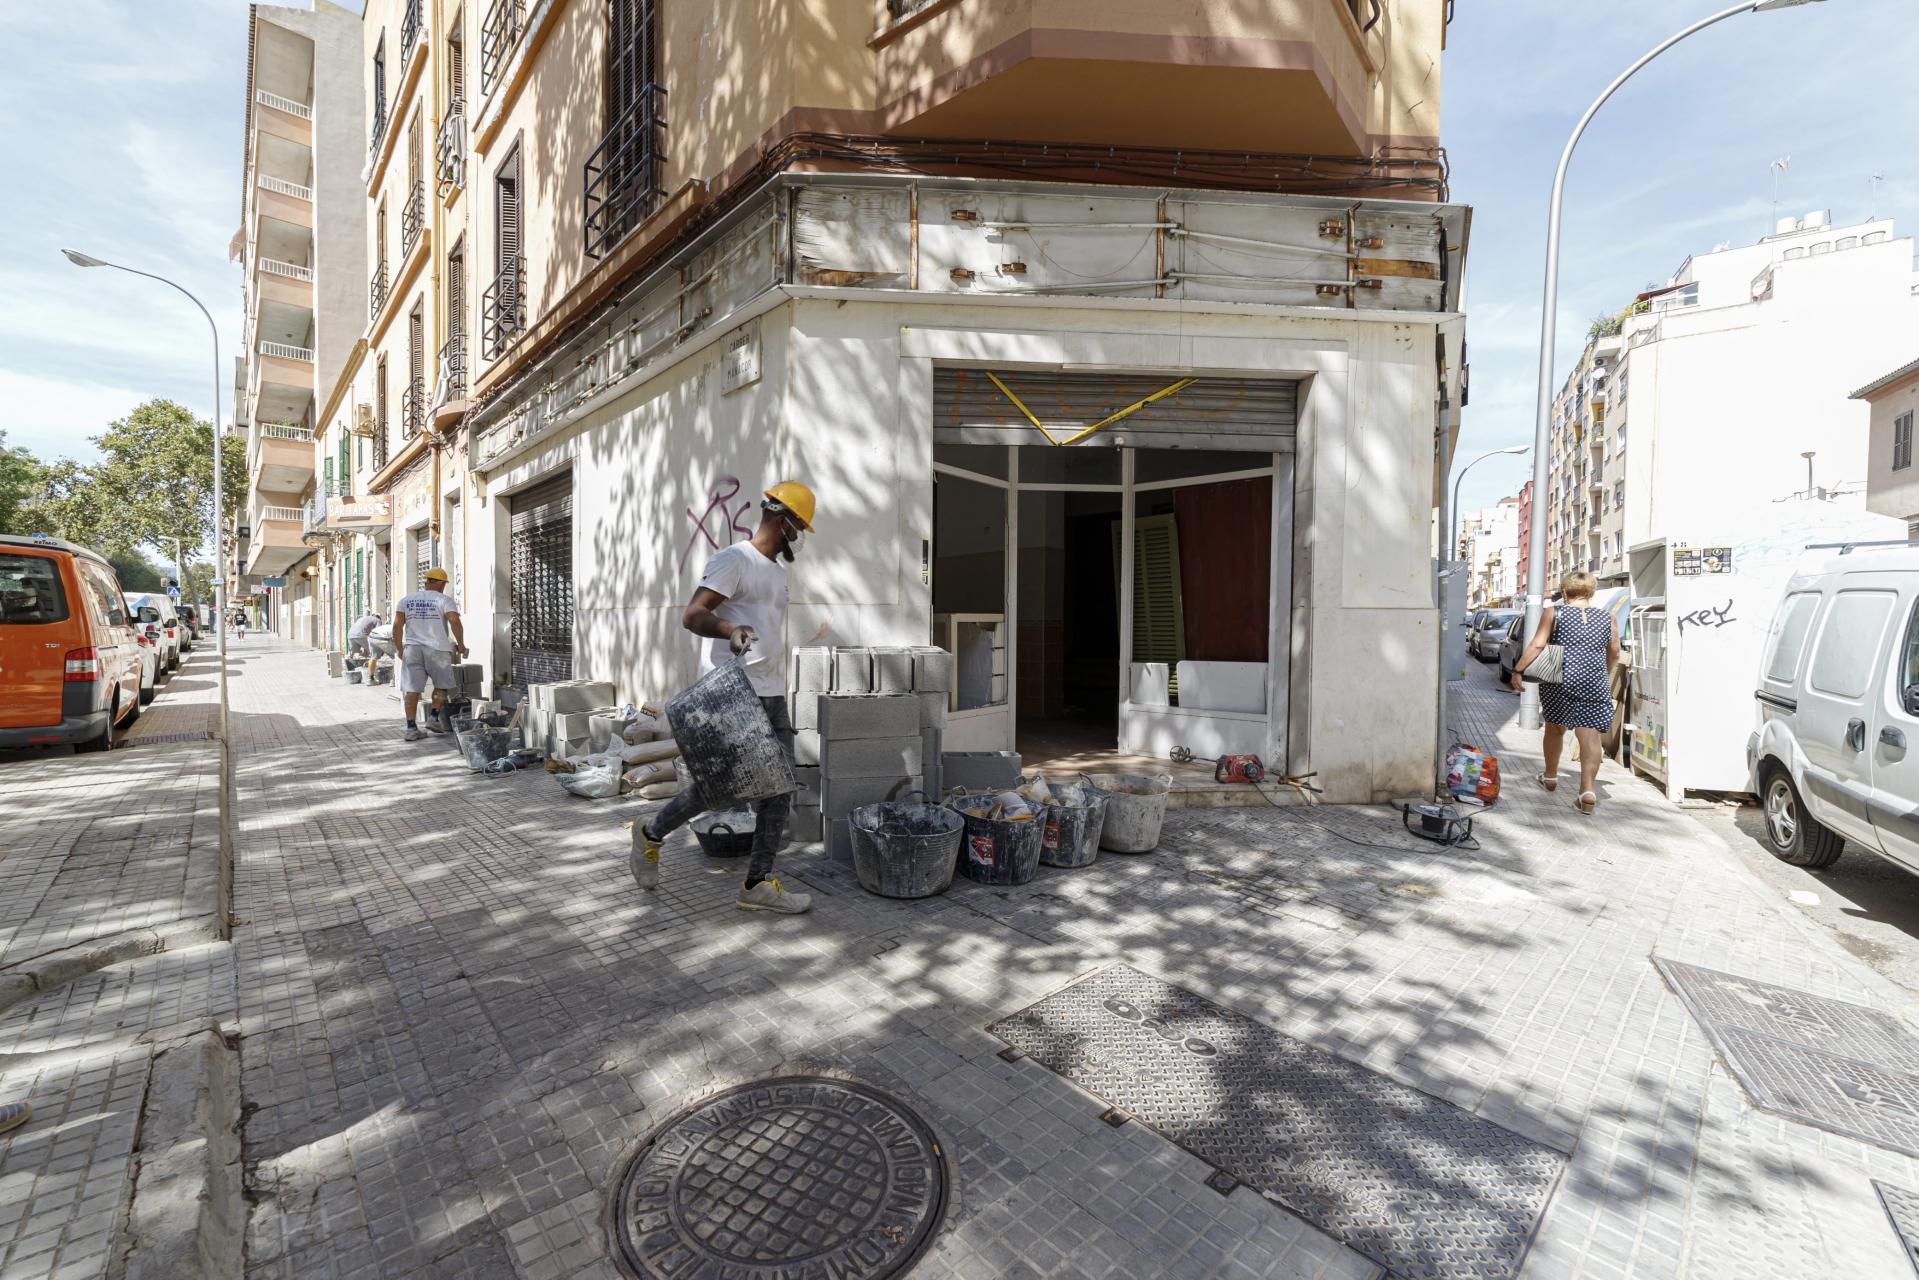 Palma tapiado edificio okupado en carrer manacor foto Miquel A